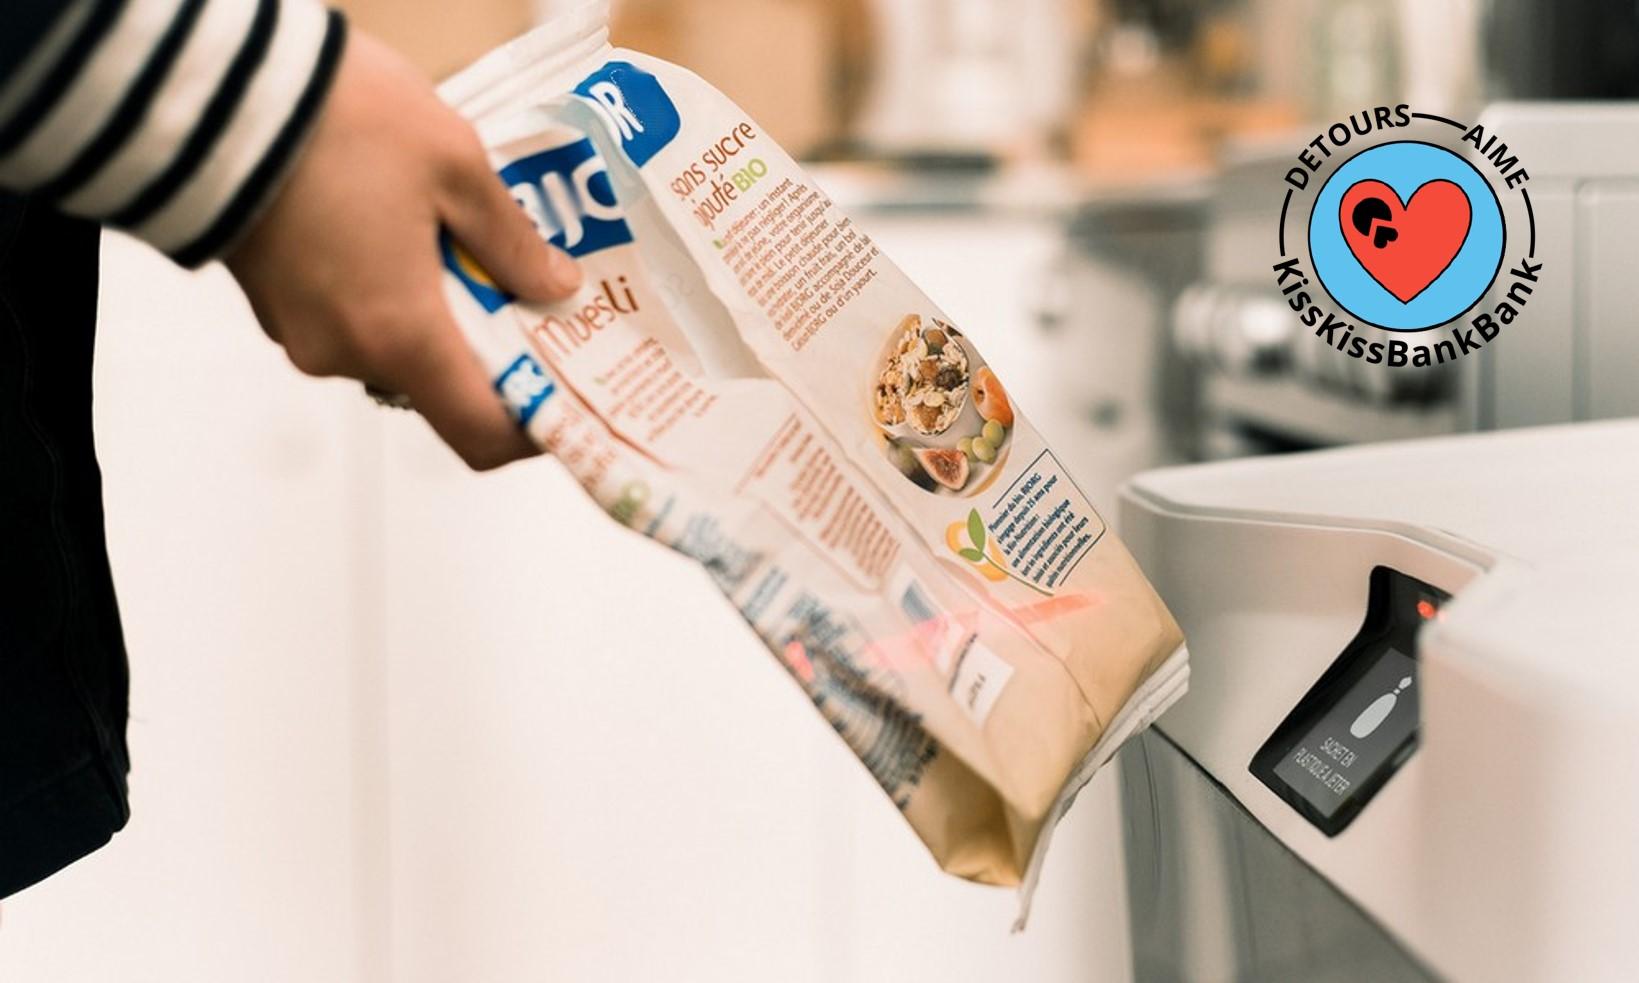 Poubelle la vie : gagner de l'argent en recyclant vos déchets